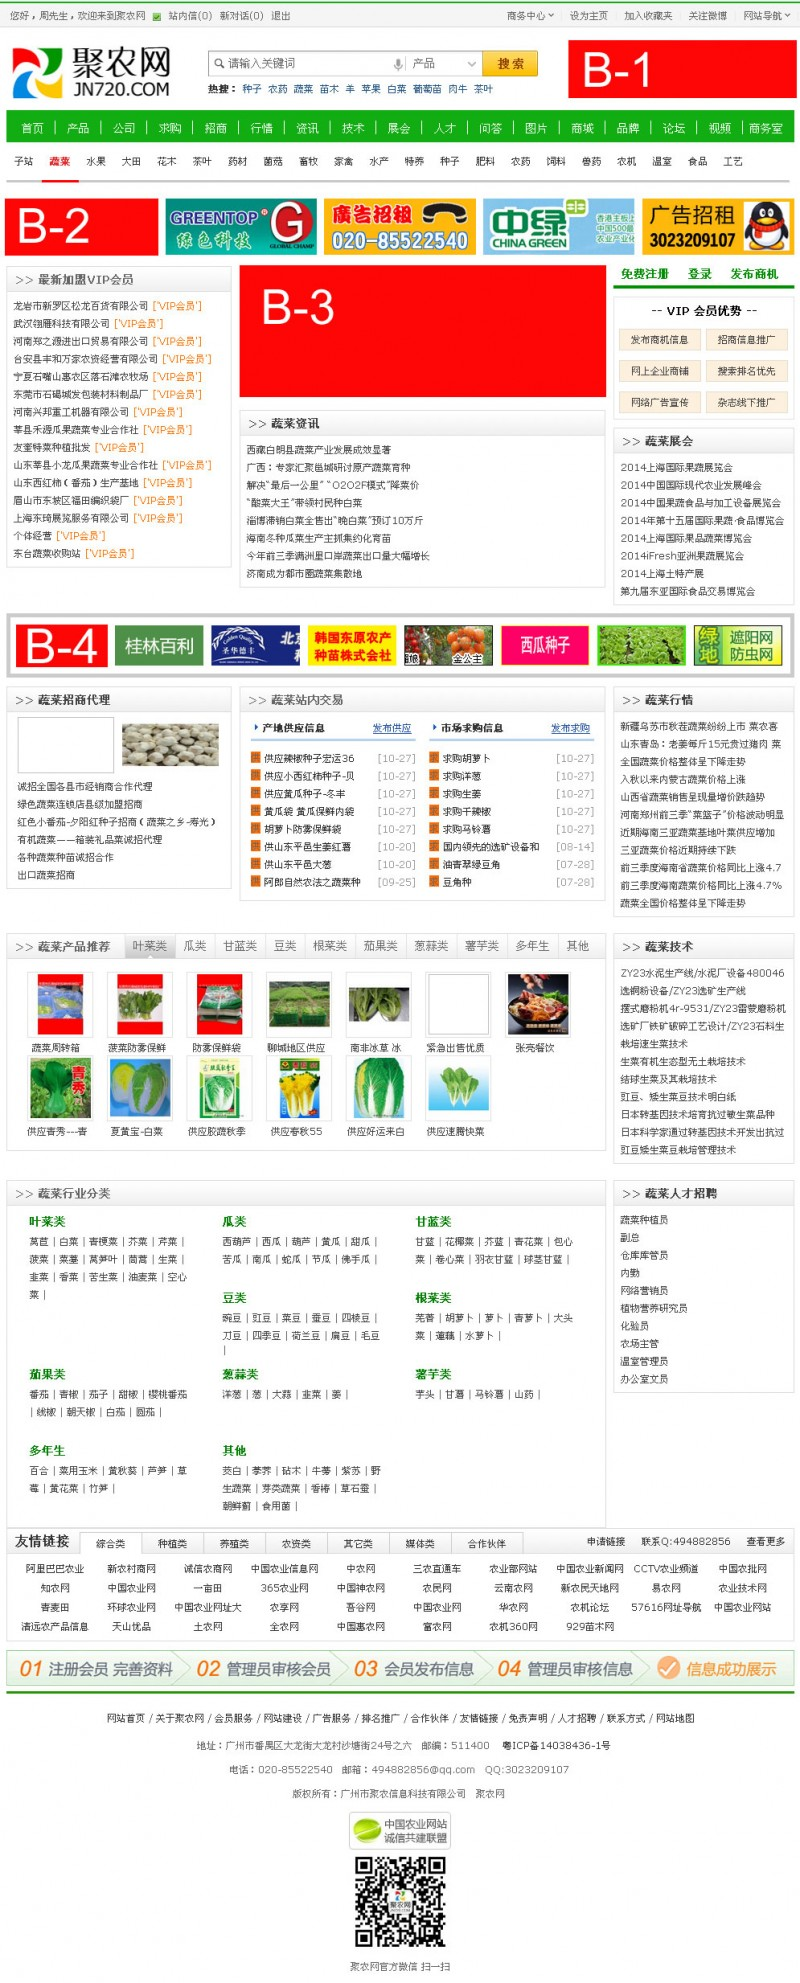 广告价格图B级页面